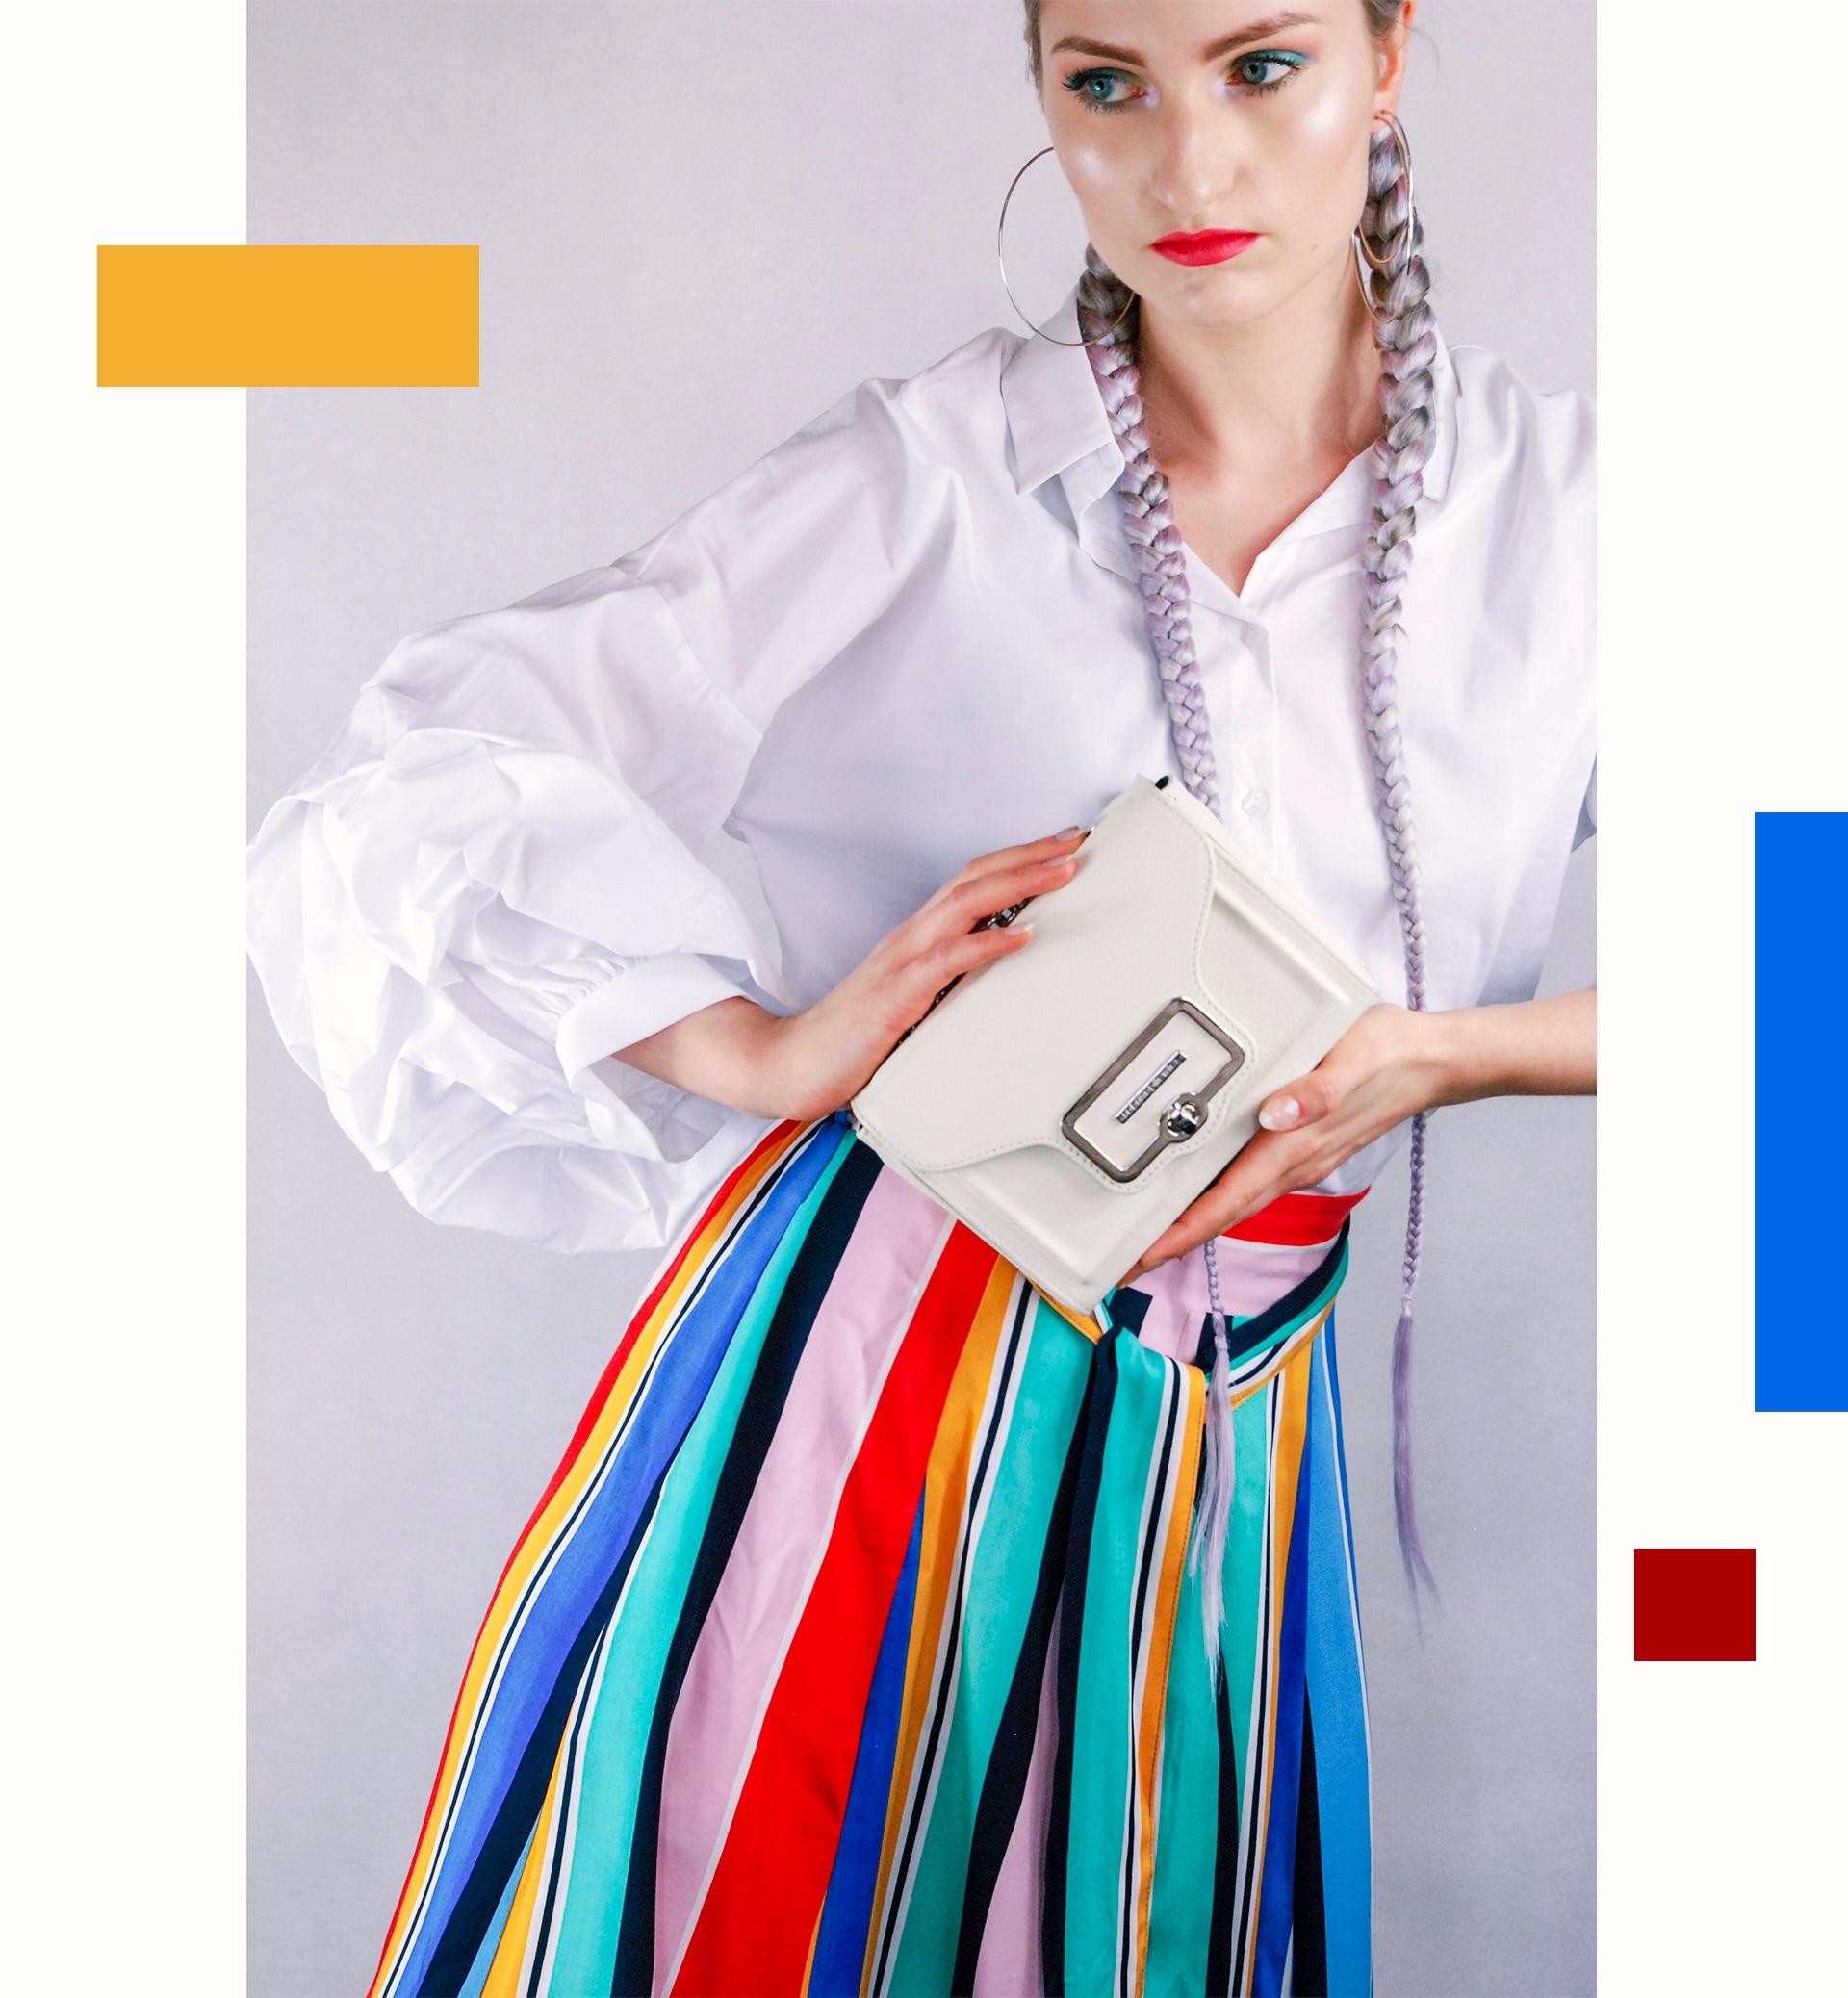 Zdjęcie przedstawia kobietę w białej bluzce, która trzyma białą torebkę. Dookoła widzimy graficzne elementy.